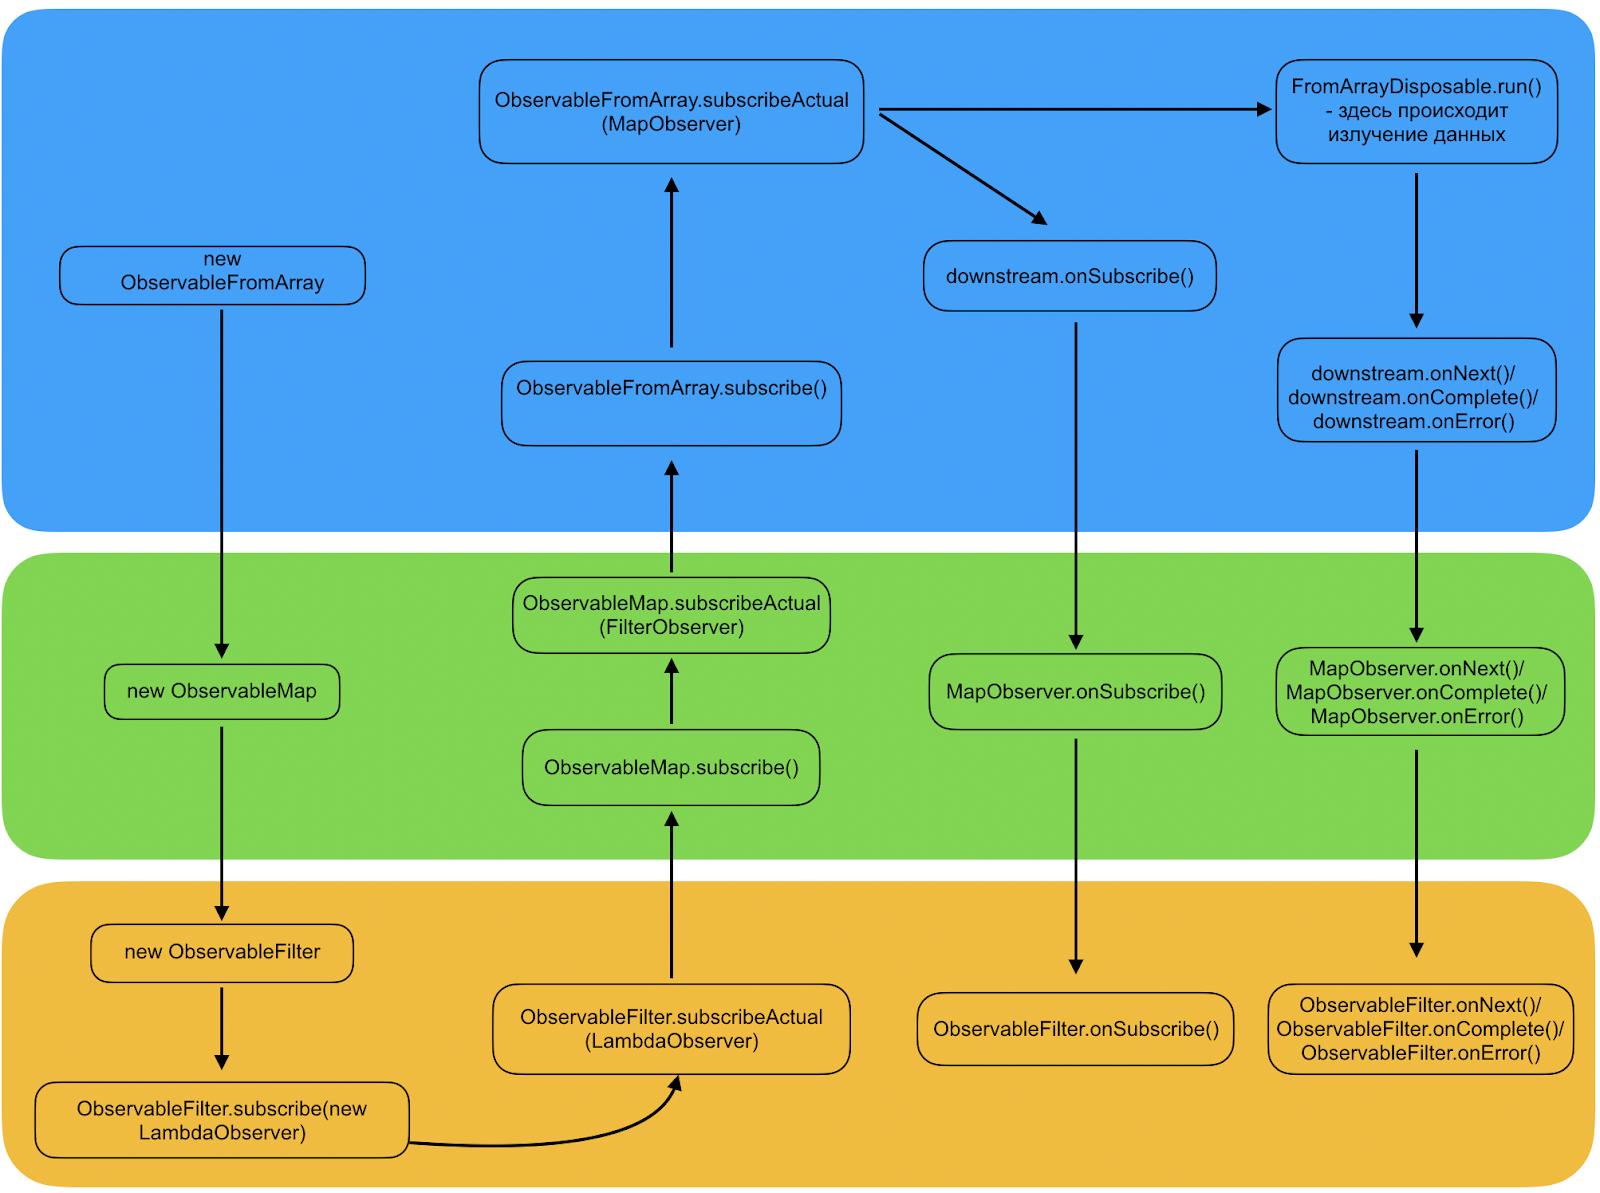 Визуальное представление процесса создания и подписок